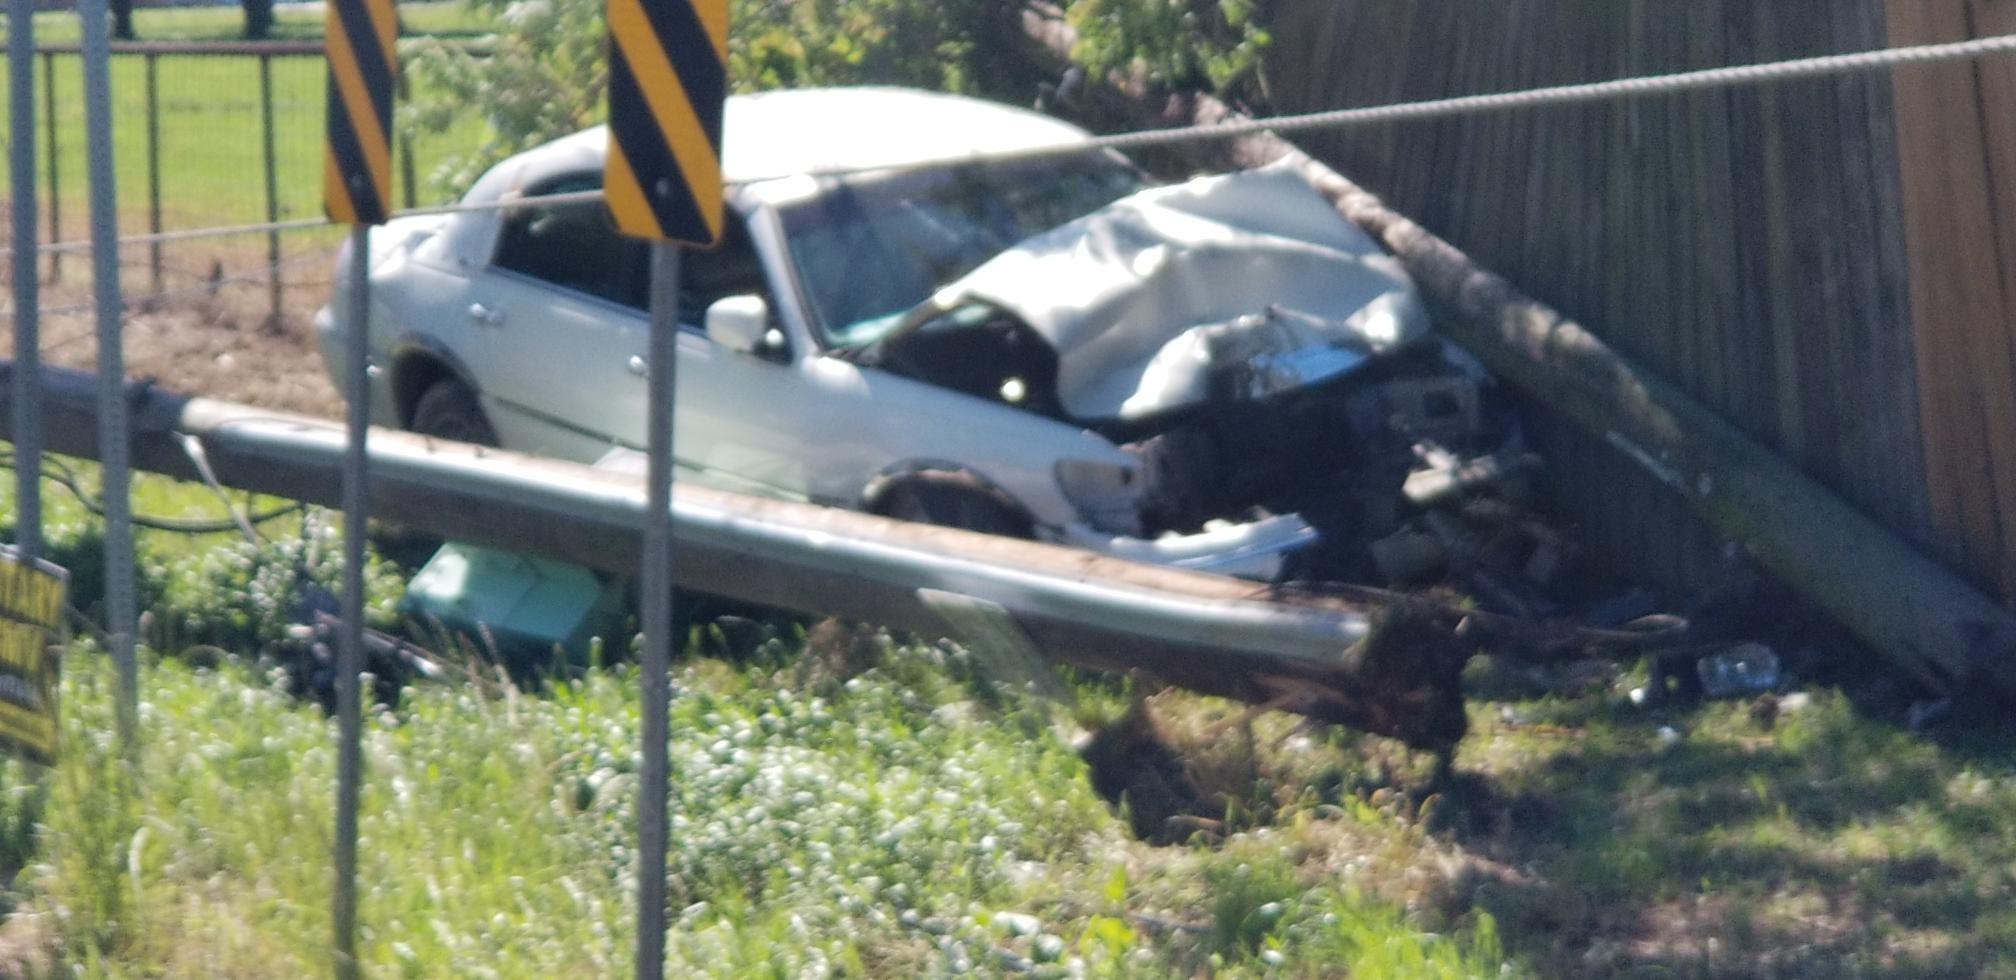 Crash forces road closures in Ascension Parish